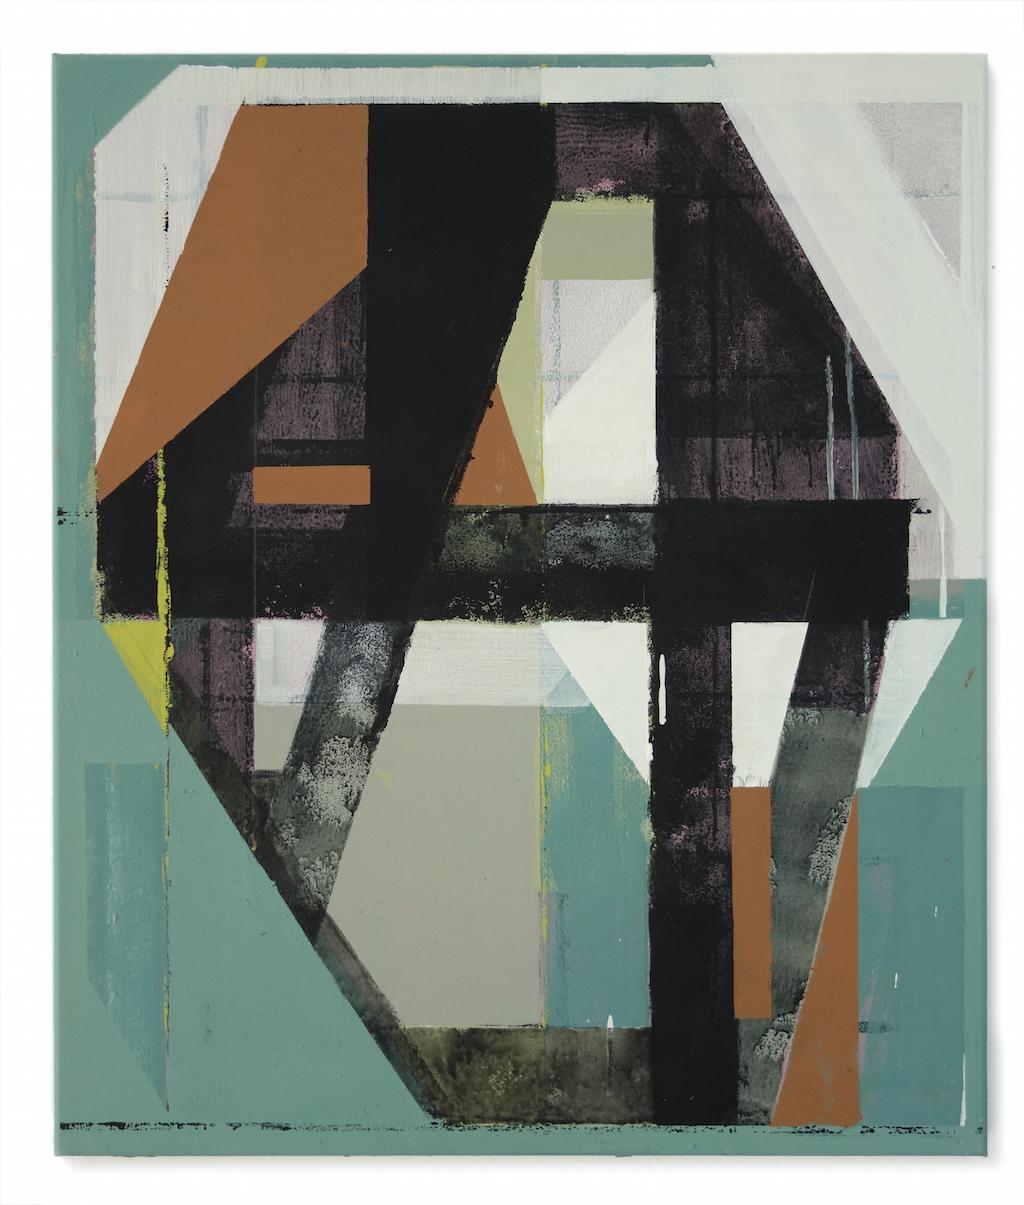 jeroen-erosie-genius-loci-at-mini-galerie-recap-25